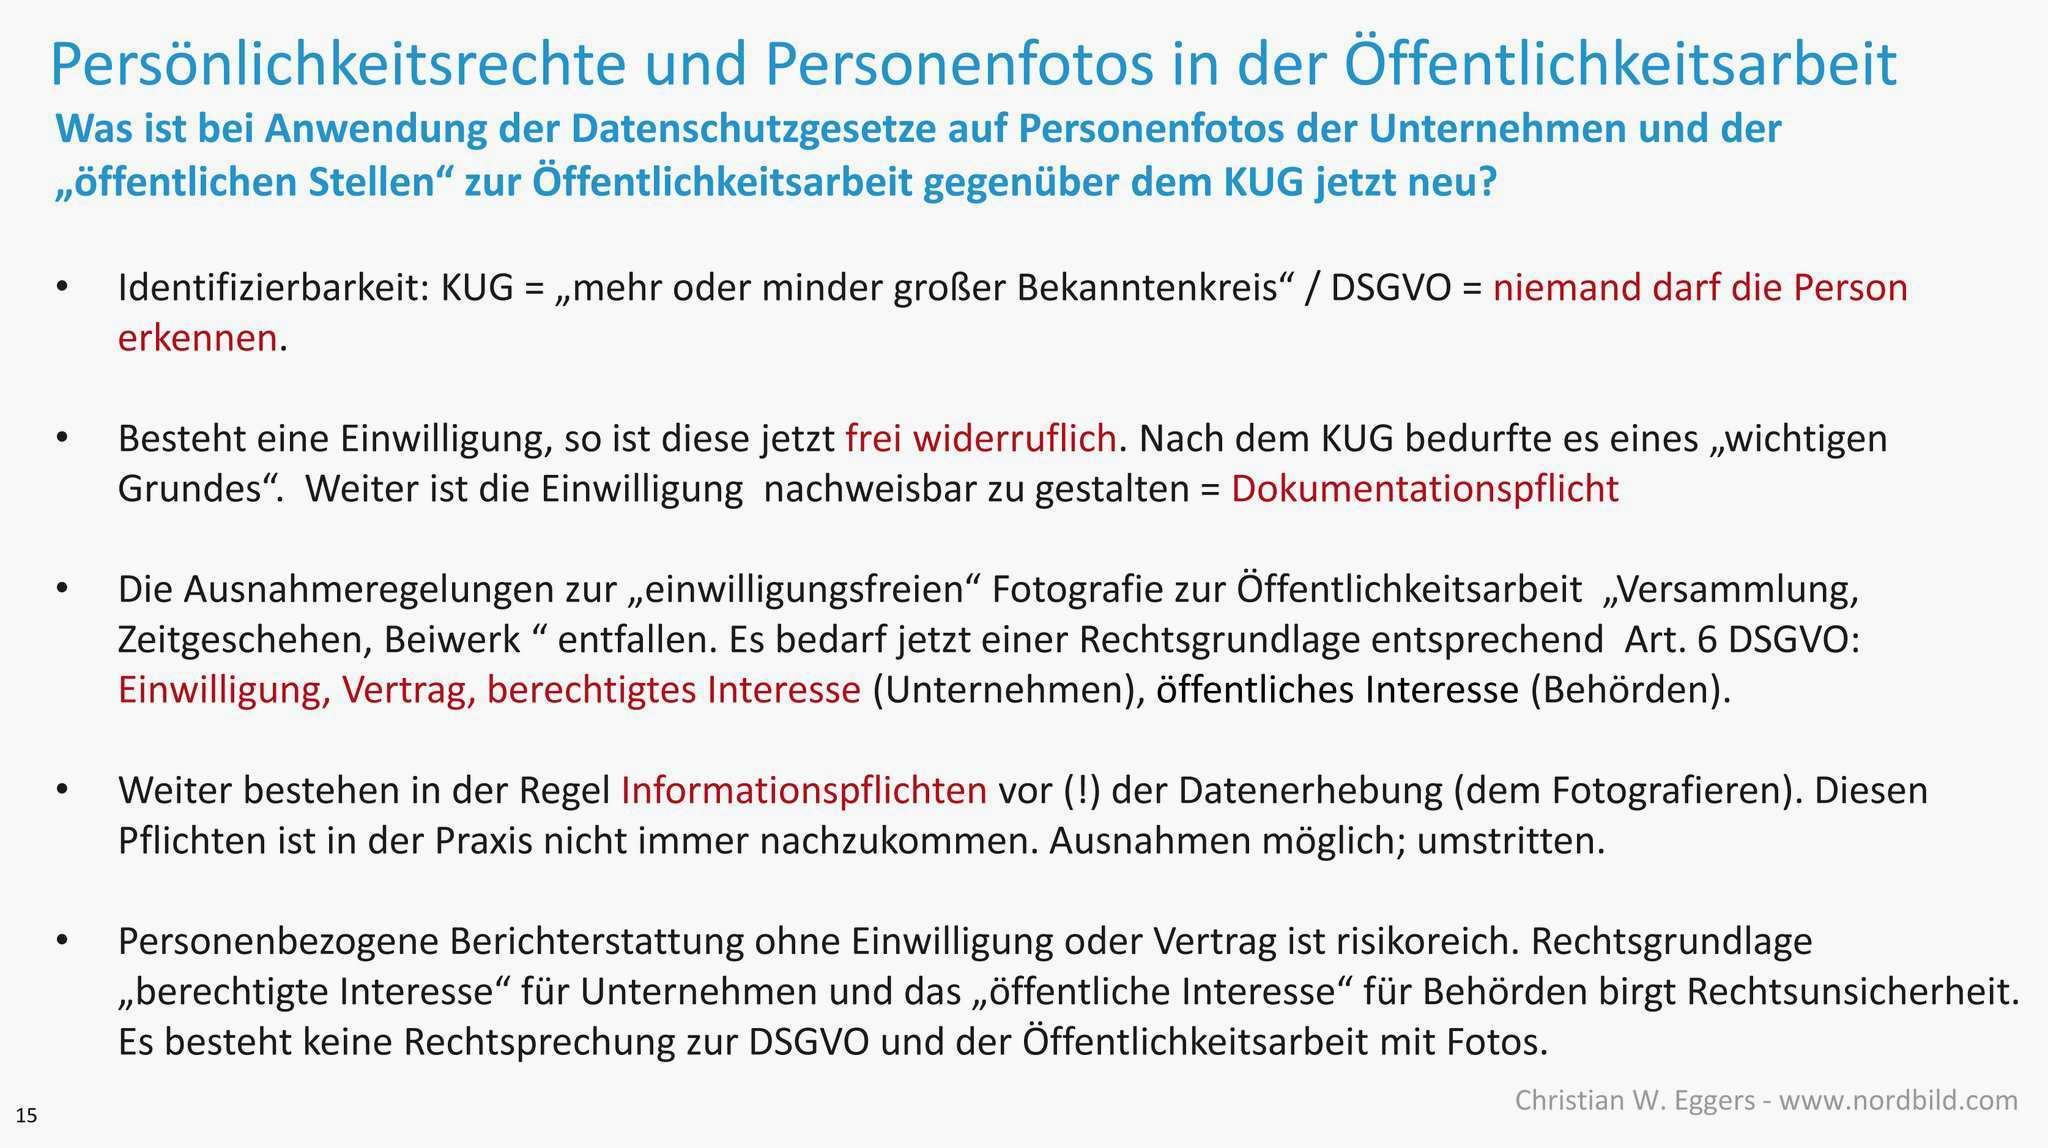 Dsgvo Und Personenfotos Zur Offentlichkeitsarbeit Nordbild